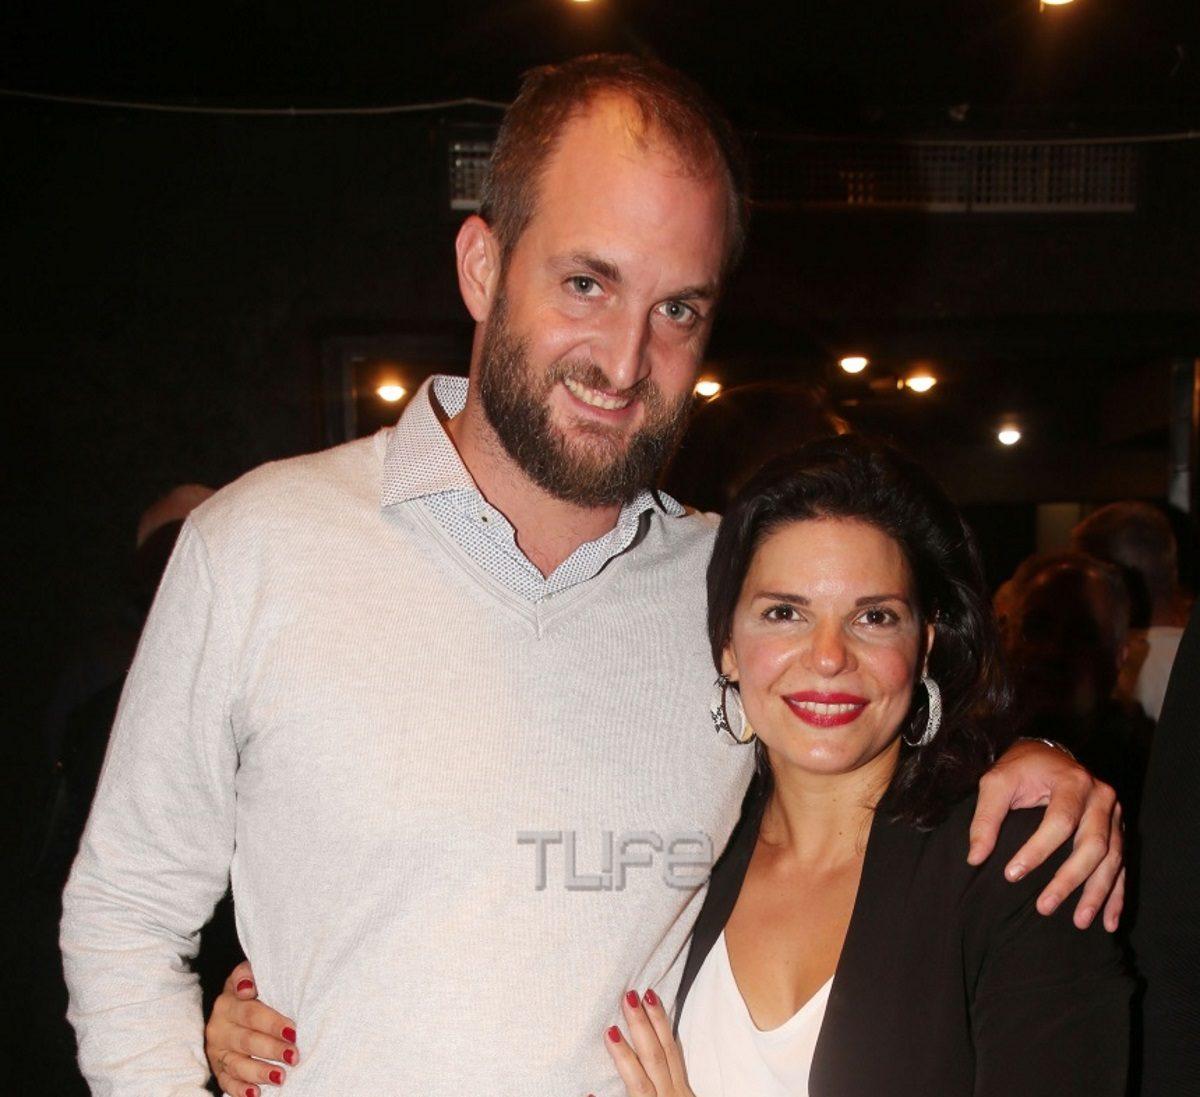 Μαρίνα Ασλάνογλου: Πρεμιέρα στο θέατρο με τον γοητευτικό άντρα της στο πλευρό της! Φωτογραφίες | tlife.gr